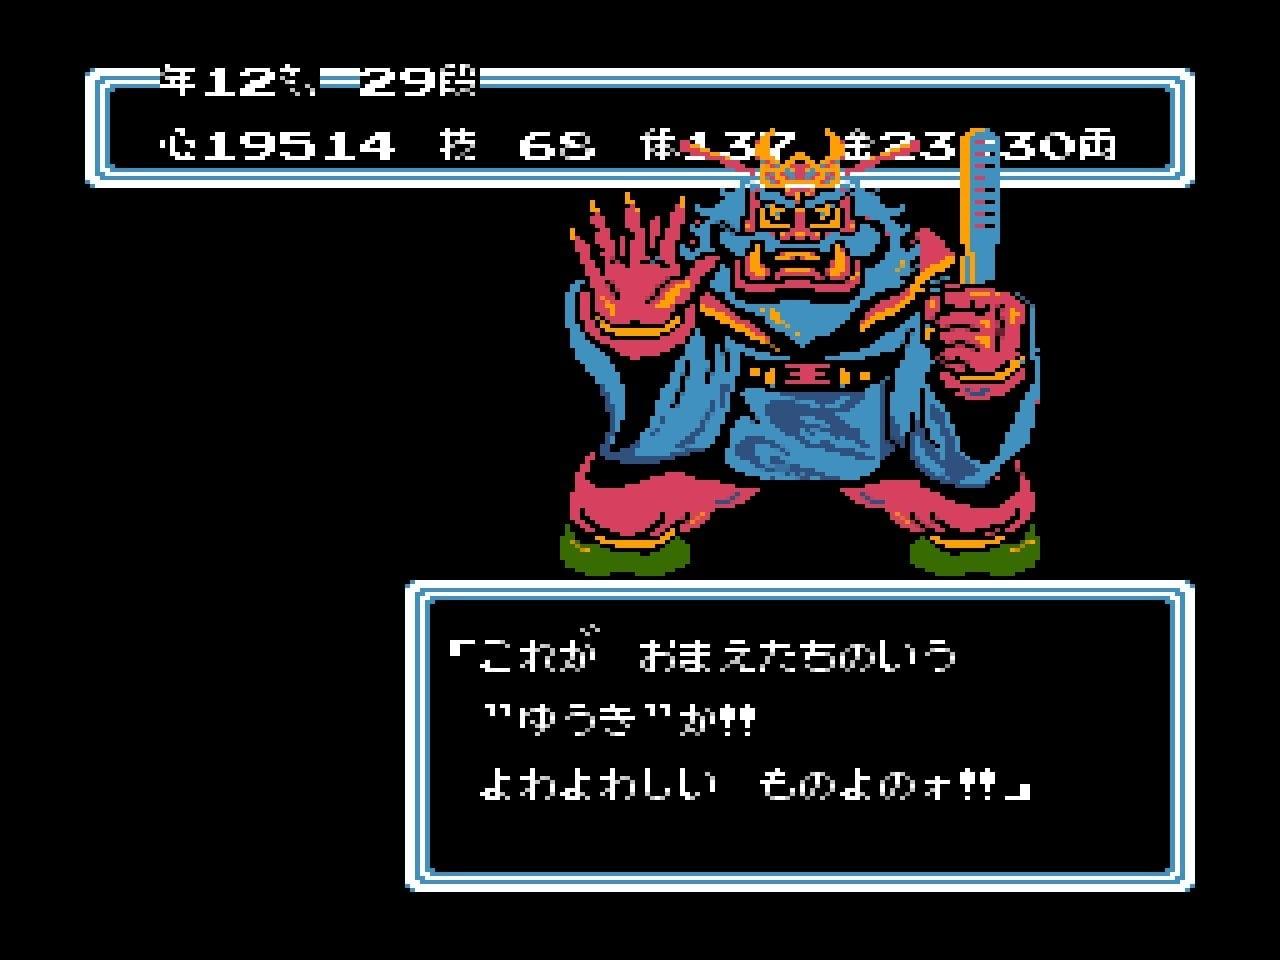 『がんばれゴエモン!』『桃太郎伝説』に『いっき』も! ファミコン時代の「好きだった和風ゲーム」ランキングの画像009